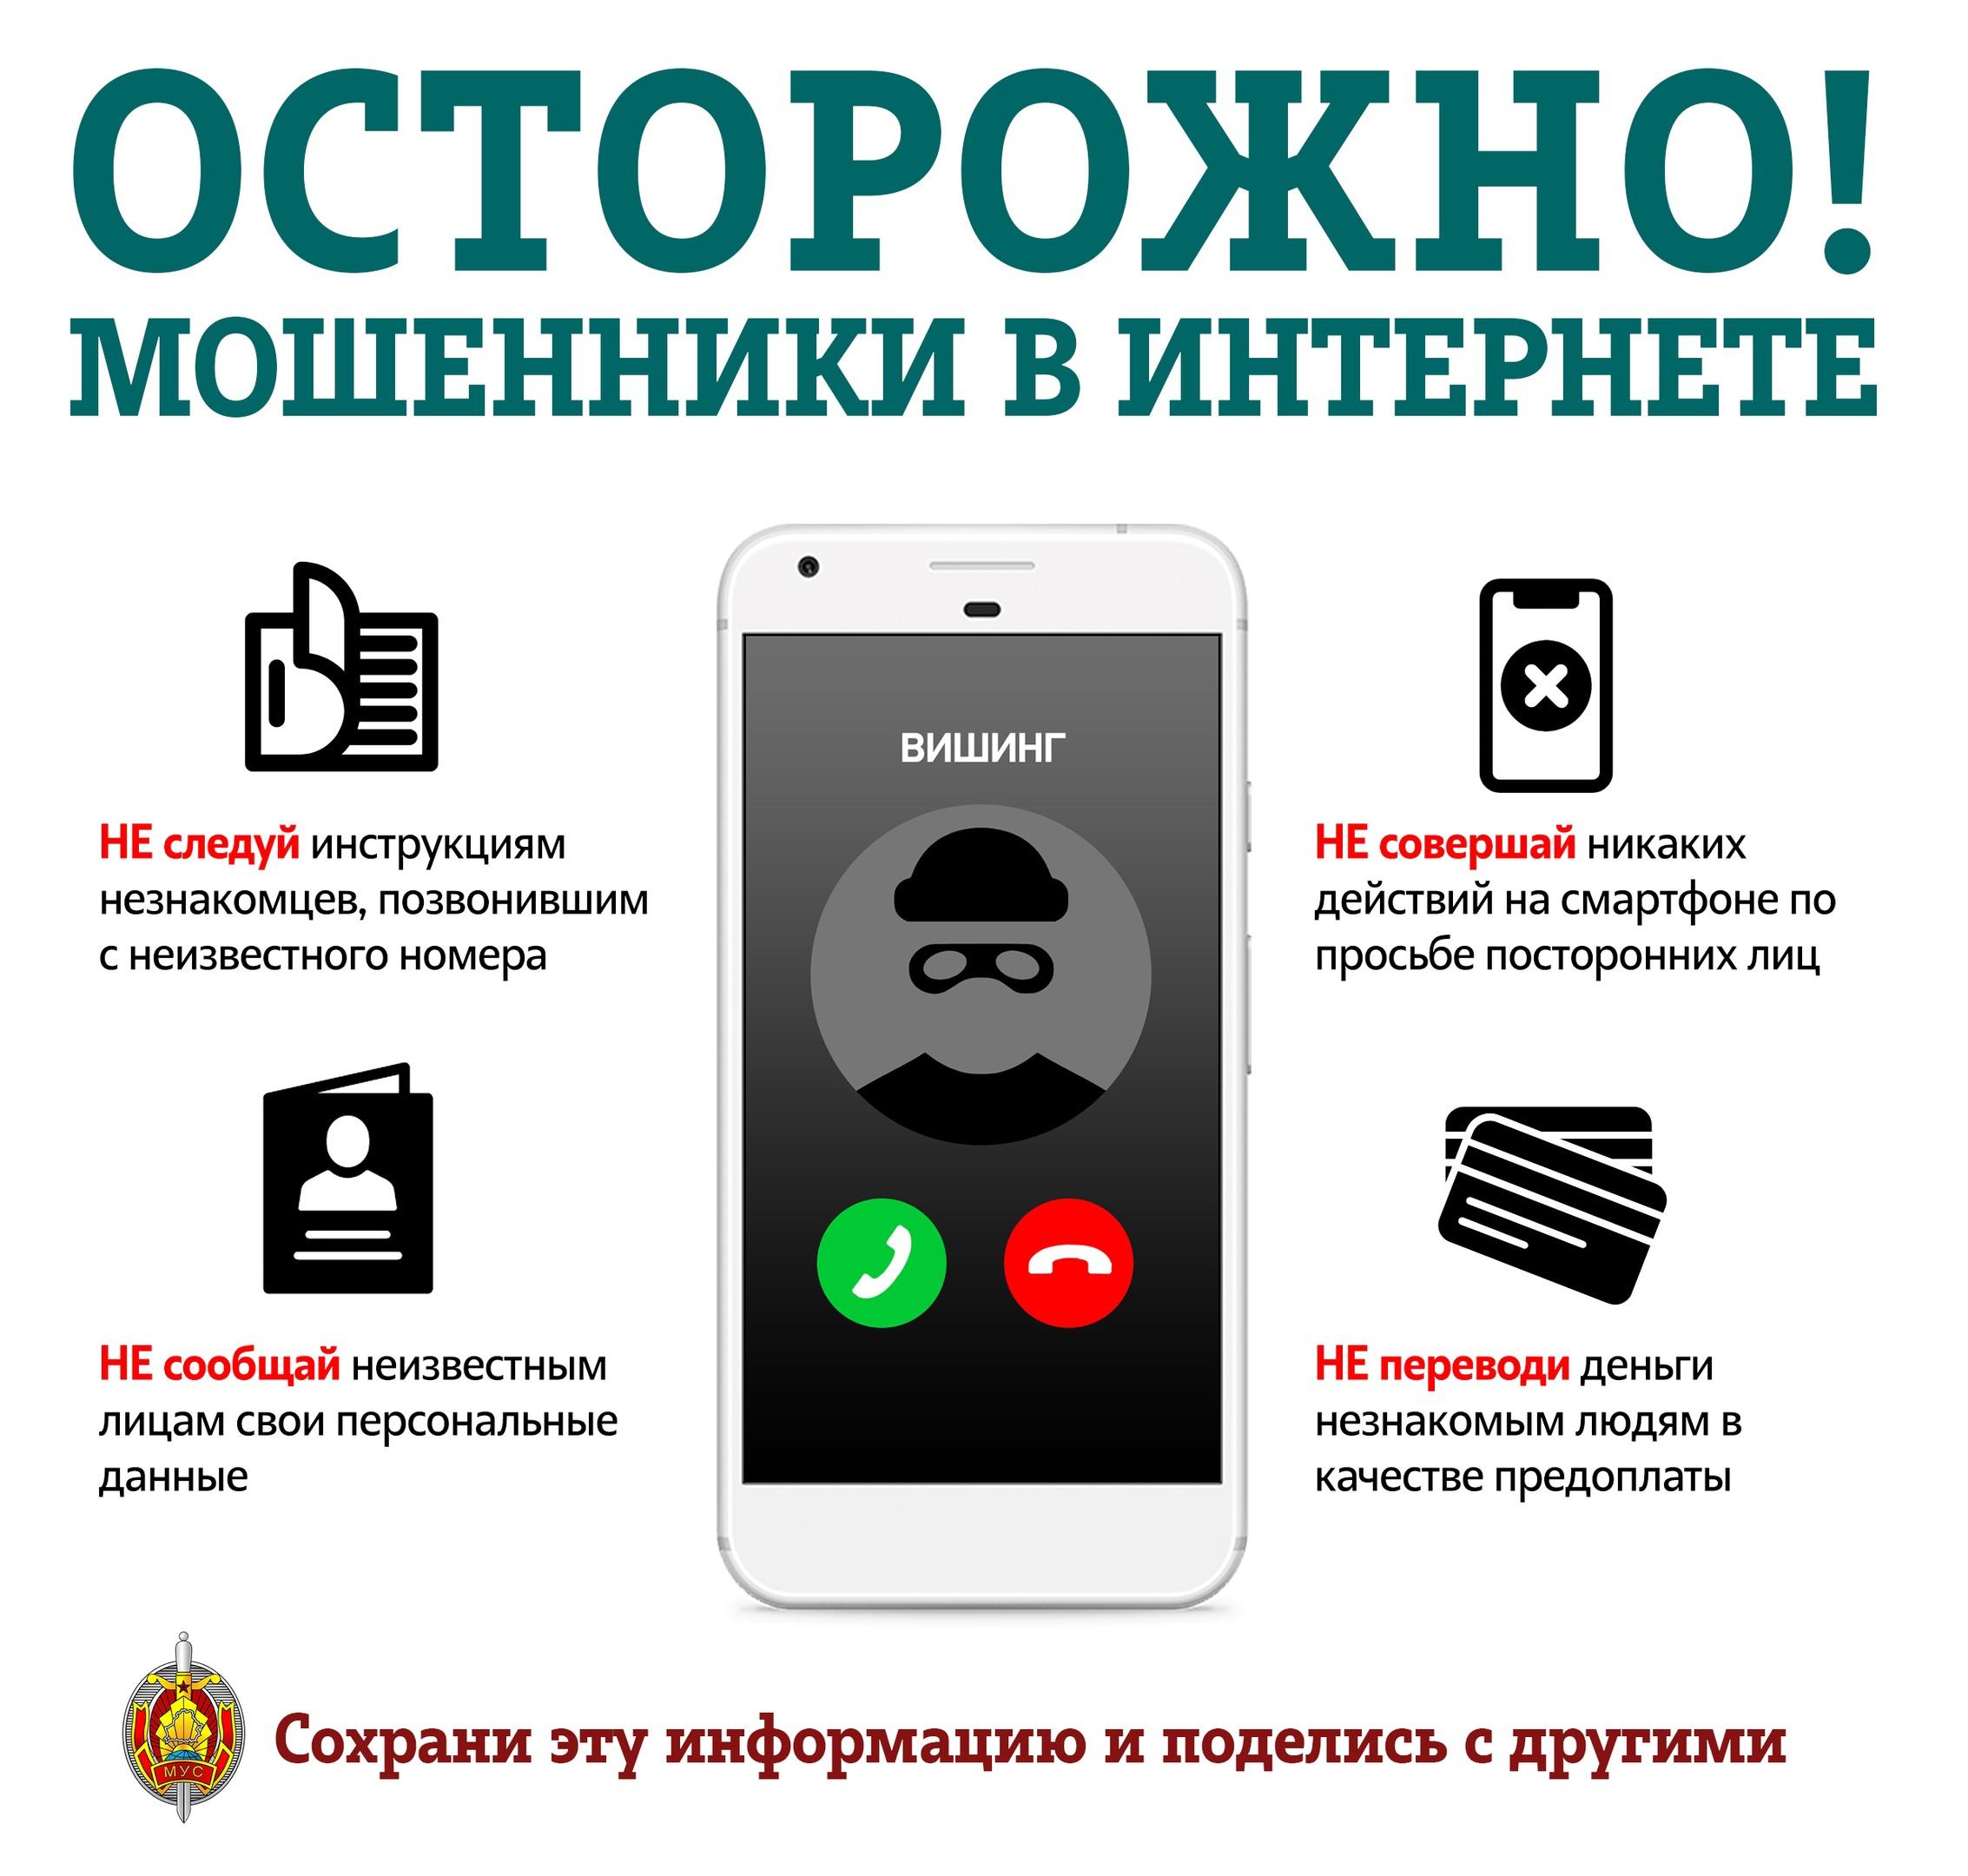 Осторожно! Мошенники в интернете